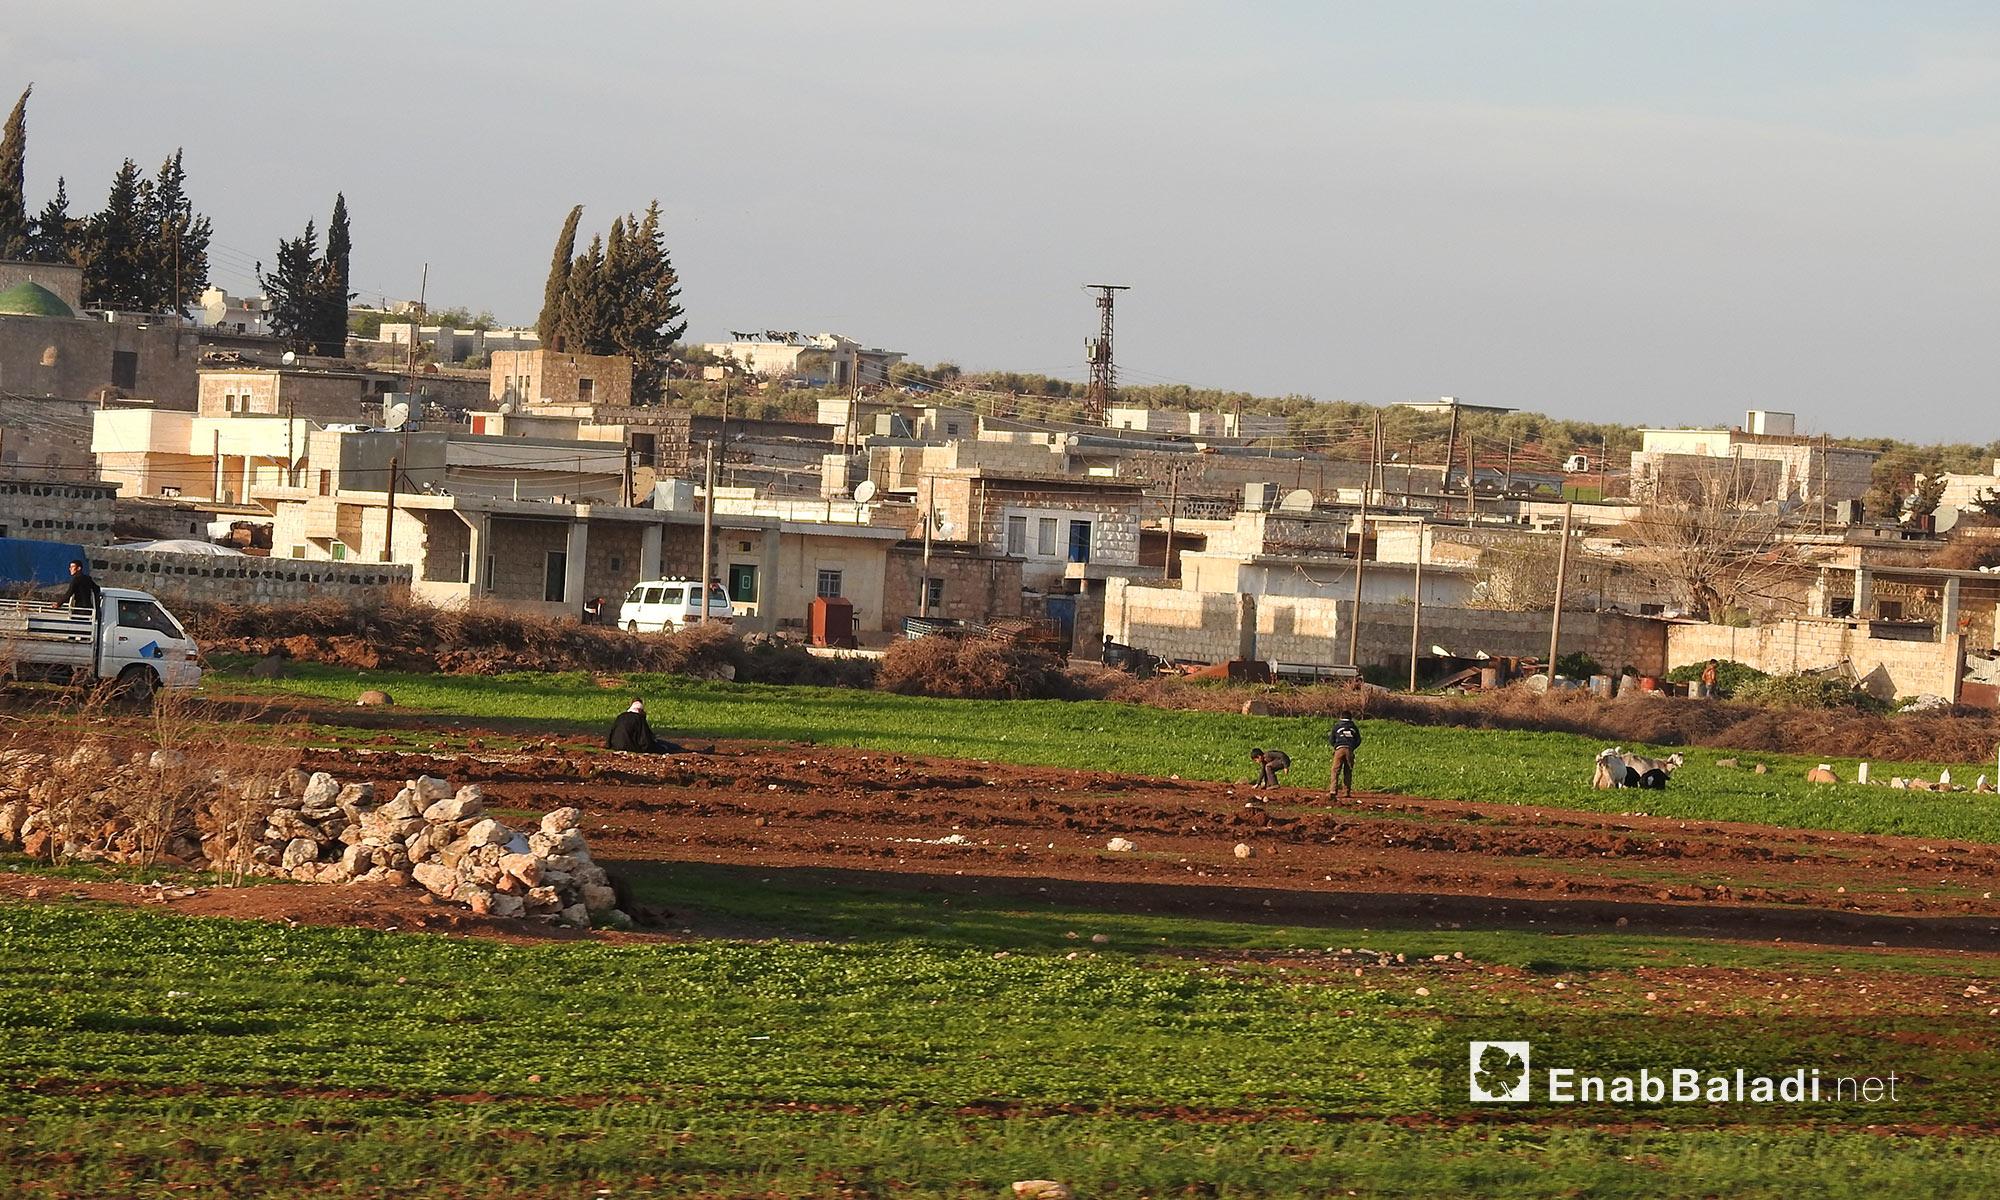 جولة على الطريق بين قرى جلبل ومريمين وأناب في عفرين - 11 آذار 2018 (عنب بلدي)